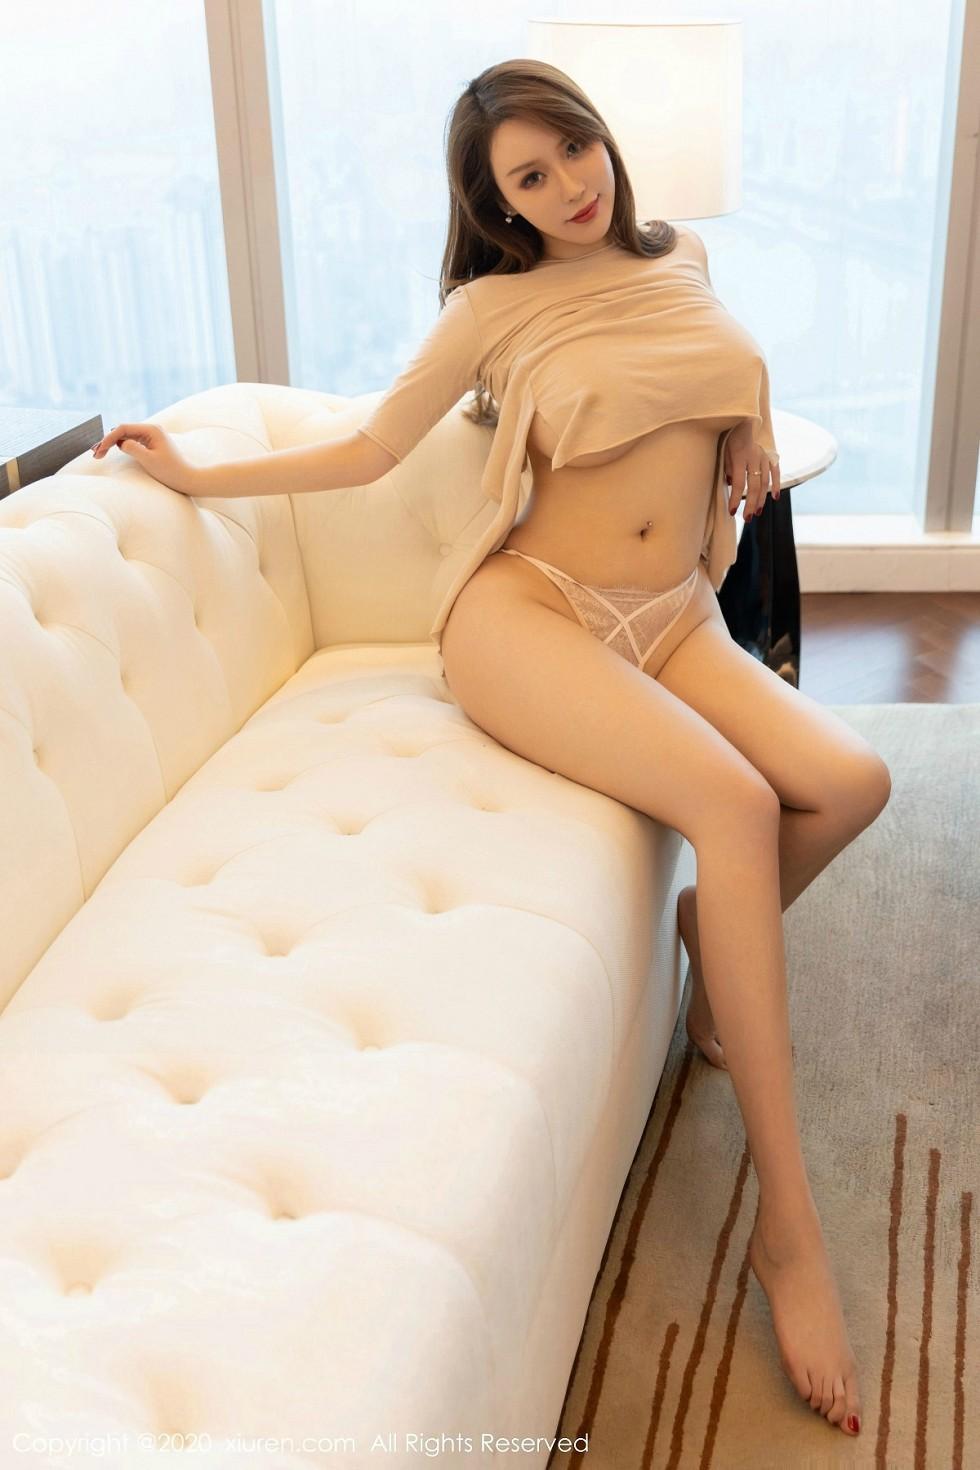 Egg尤妮絲 [XiuRen秀人網]高清寫真圖 VOL.2038私房魅惑牛仔褲之下的美臀與真空激凸... - 貼圖 - 清涼寫真 -